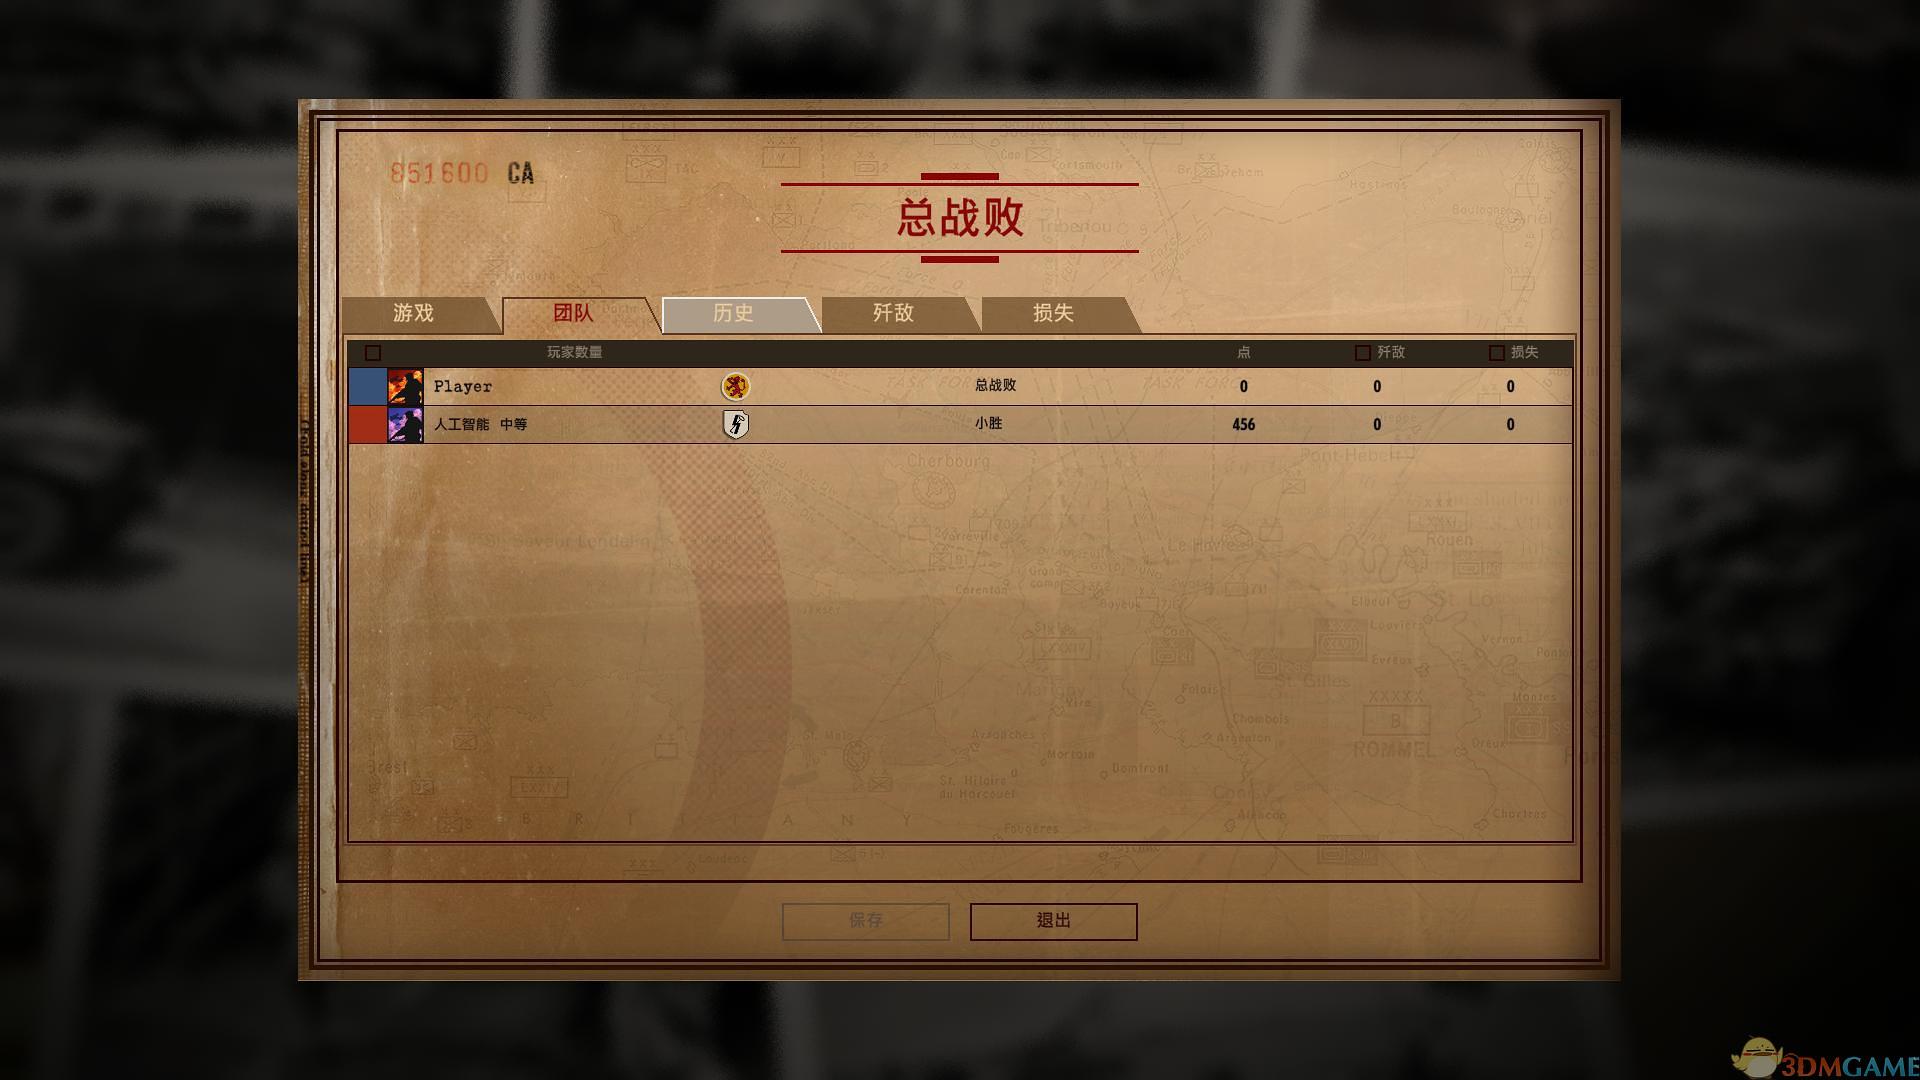 钢铁之师:诺曼底44 v82132升级档+未加密补丁[3DM]